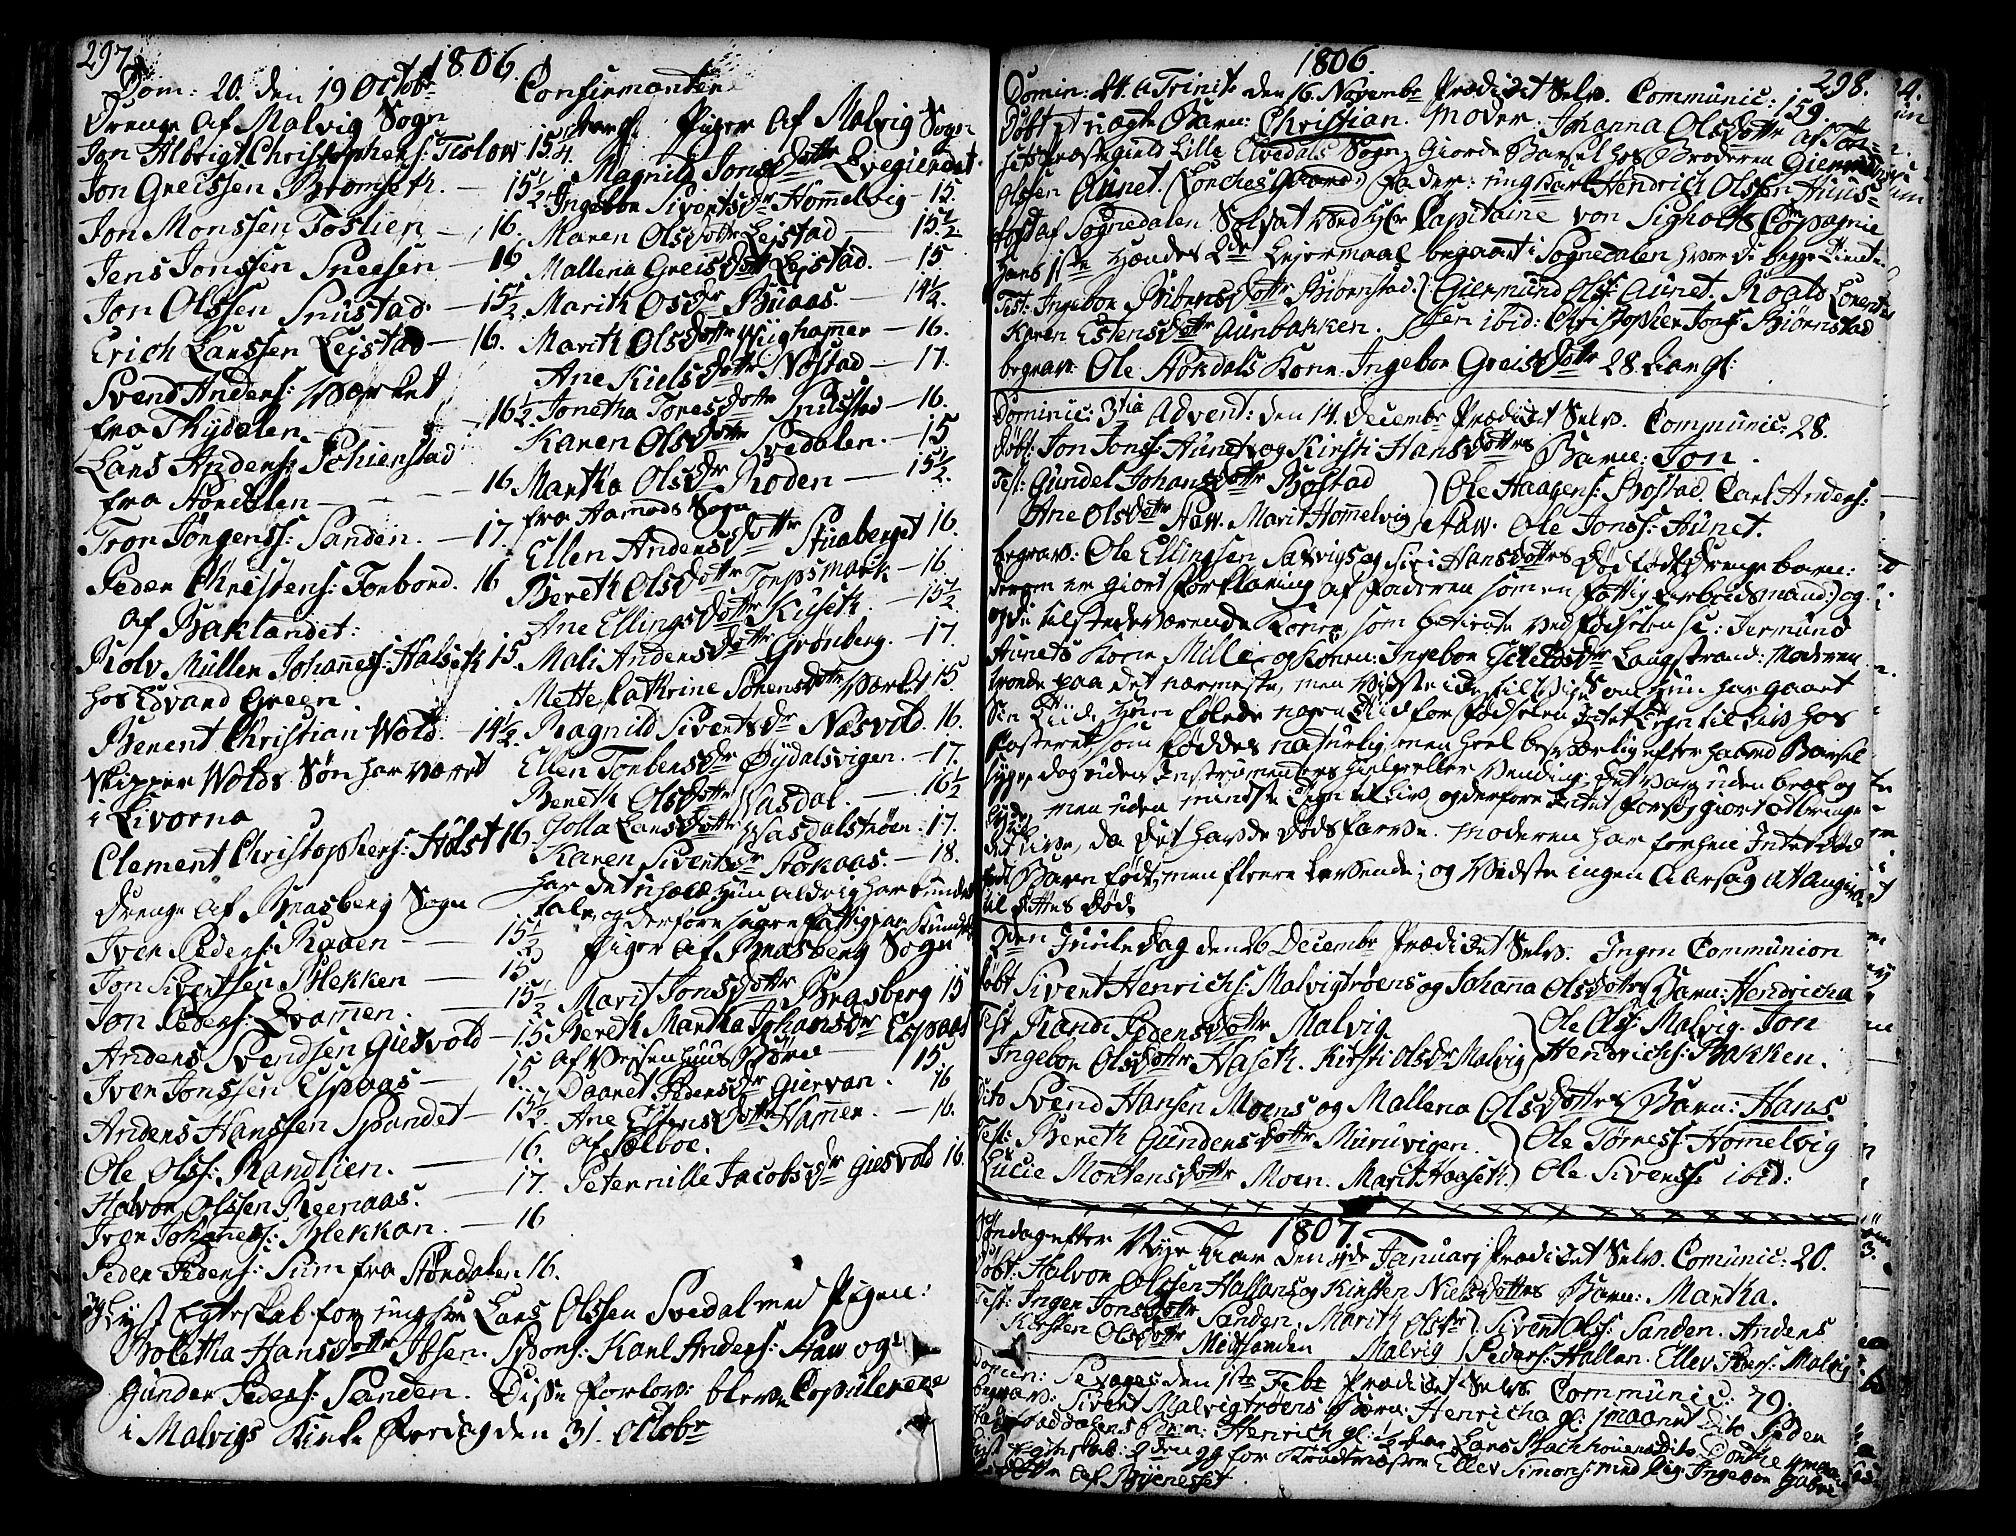 SAT, Ministerialprotokoller, klokkerbøker og fødselsregistre - Sør-Trøndelag, 606/L0281: Ministerialbok nr. 606A02 /2, 1781-1817, s. 297-298